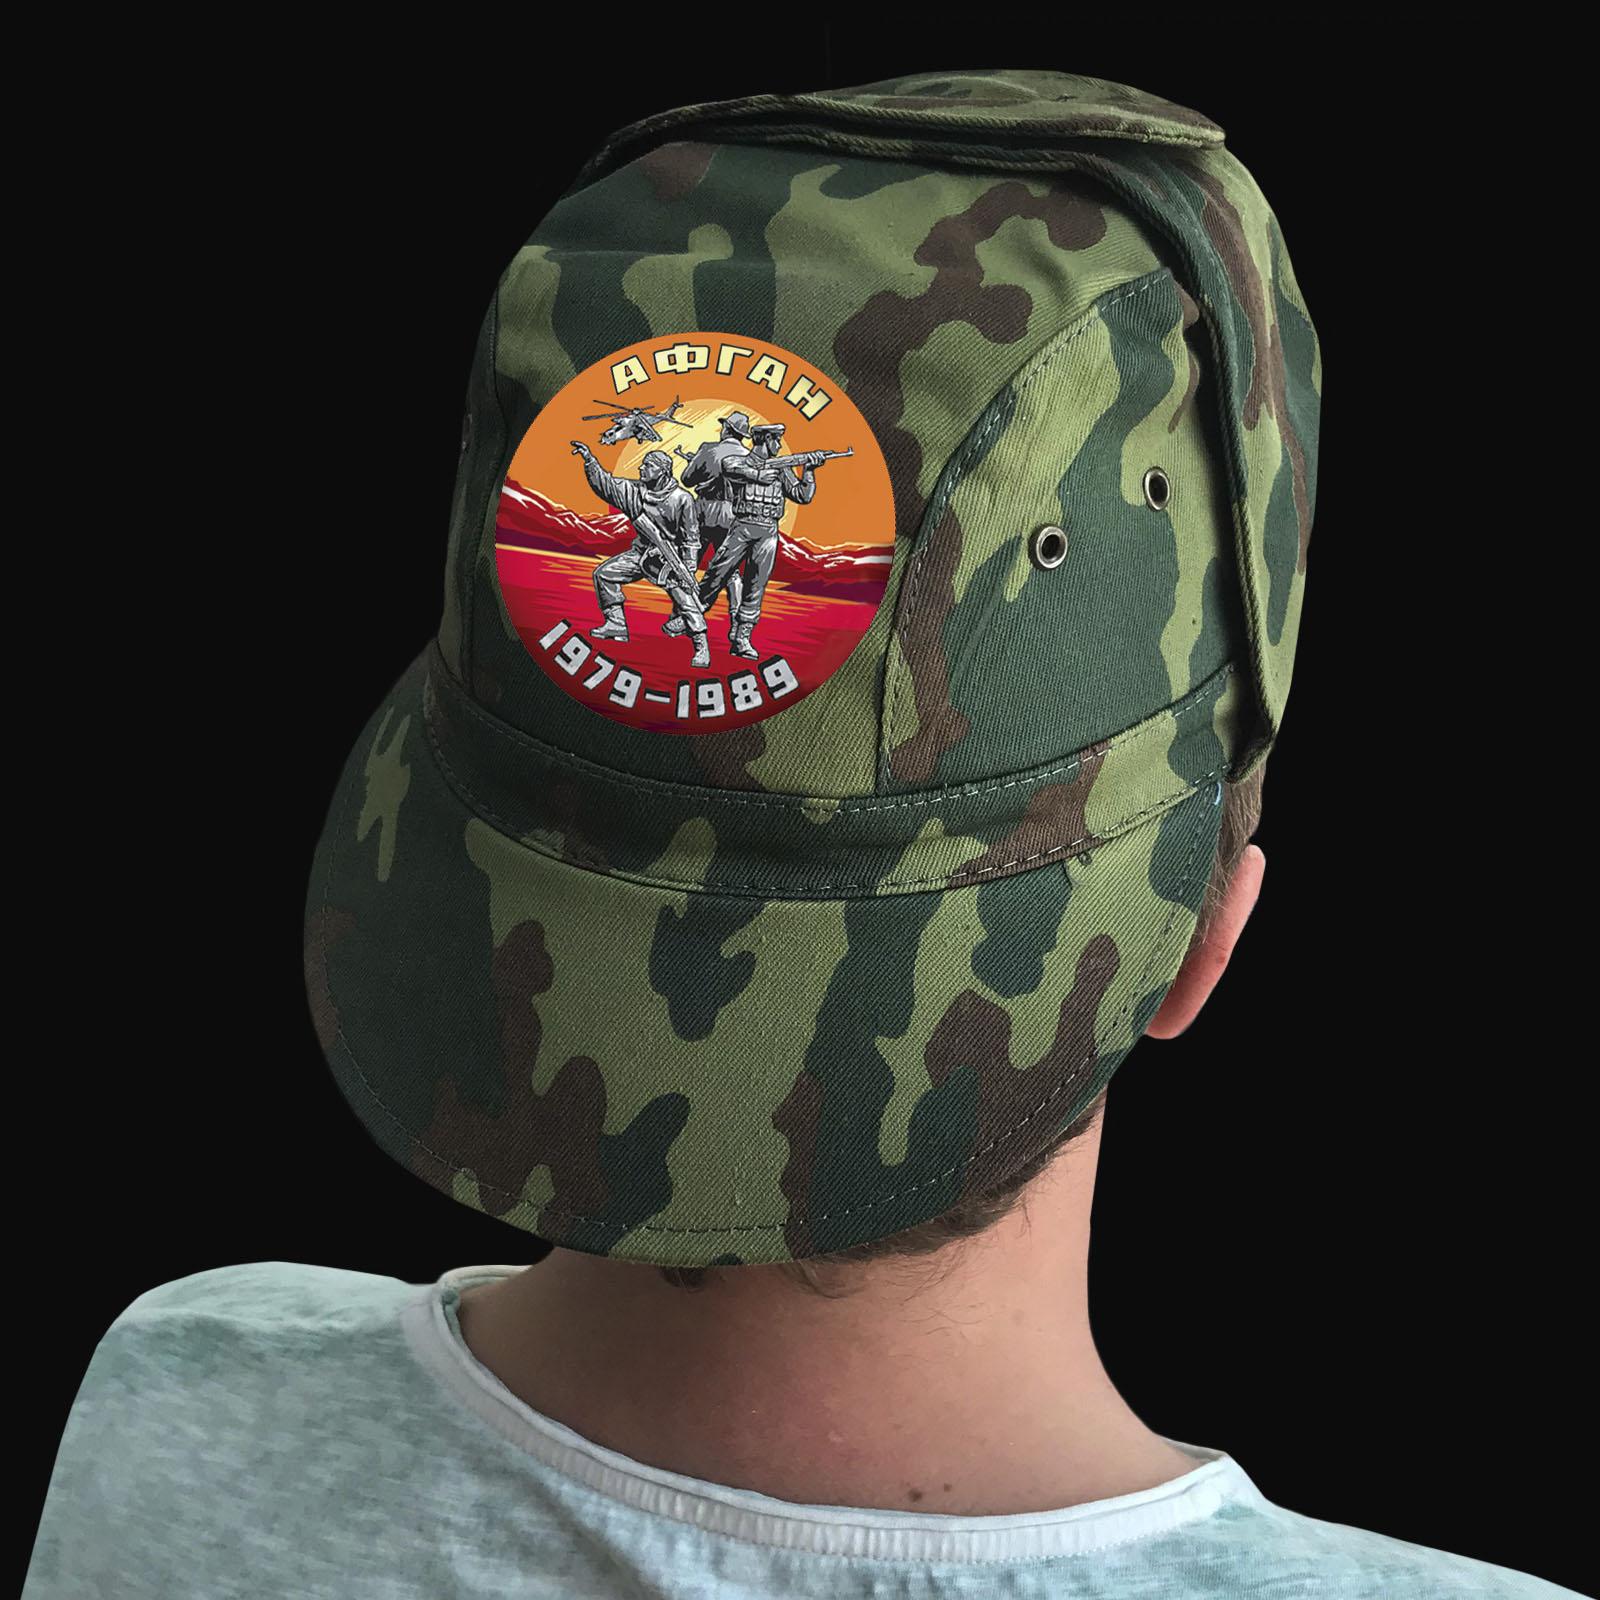 Купить мужскую крутую кепку с термотрансфером  Афган с доставкой онлайн